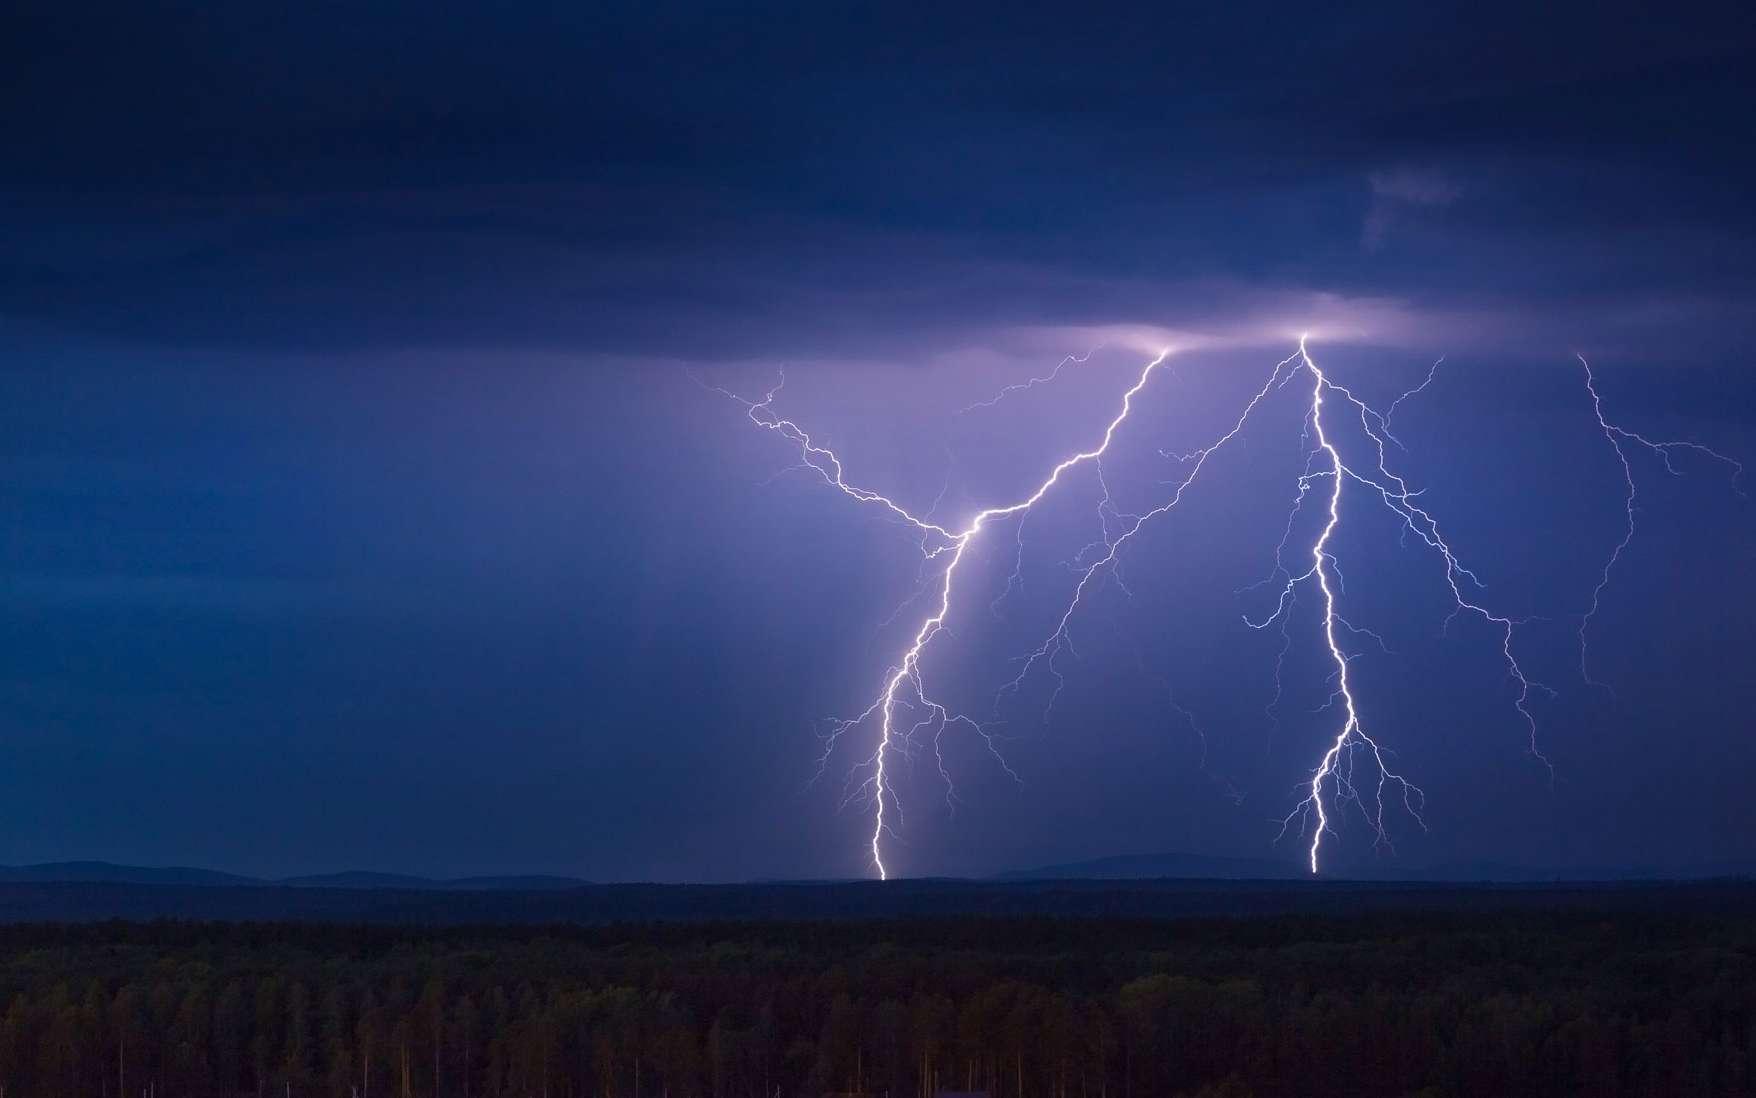 Un éclair frappe le sol la nuit © auriso, Envato elements